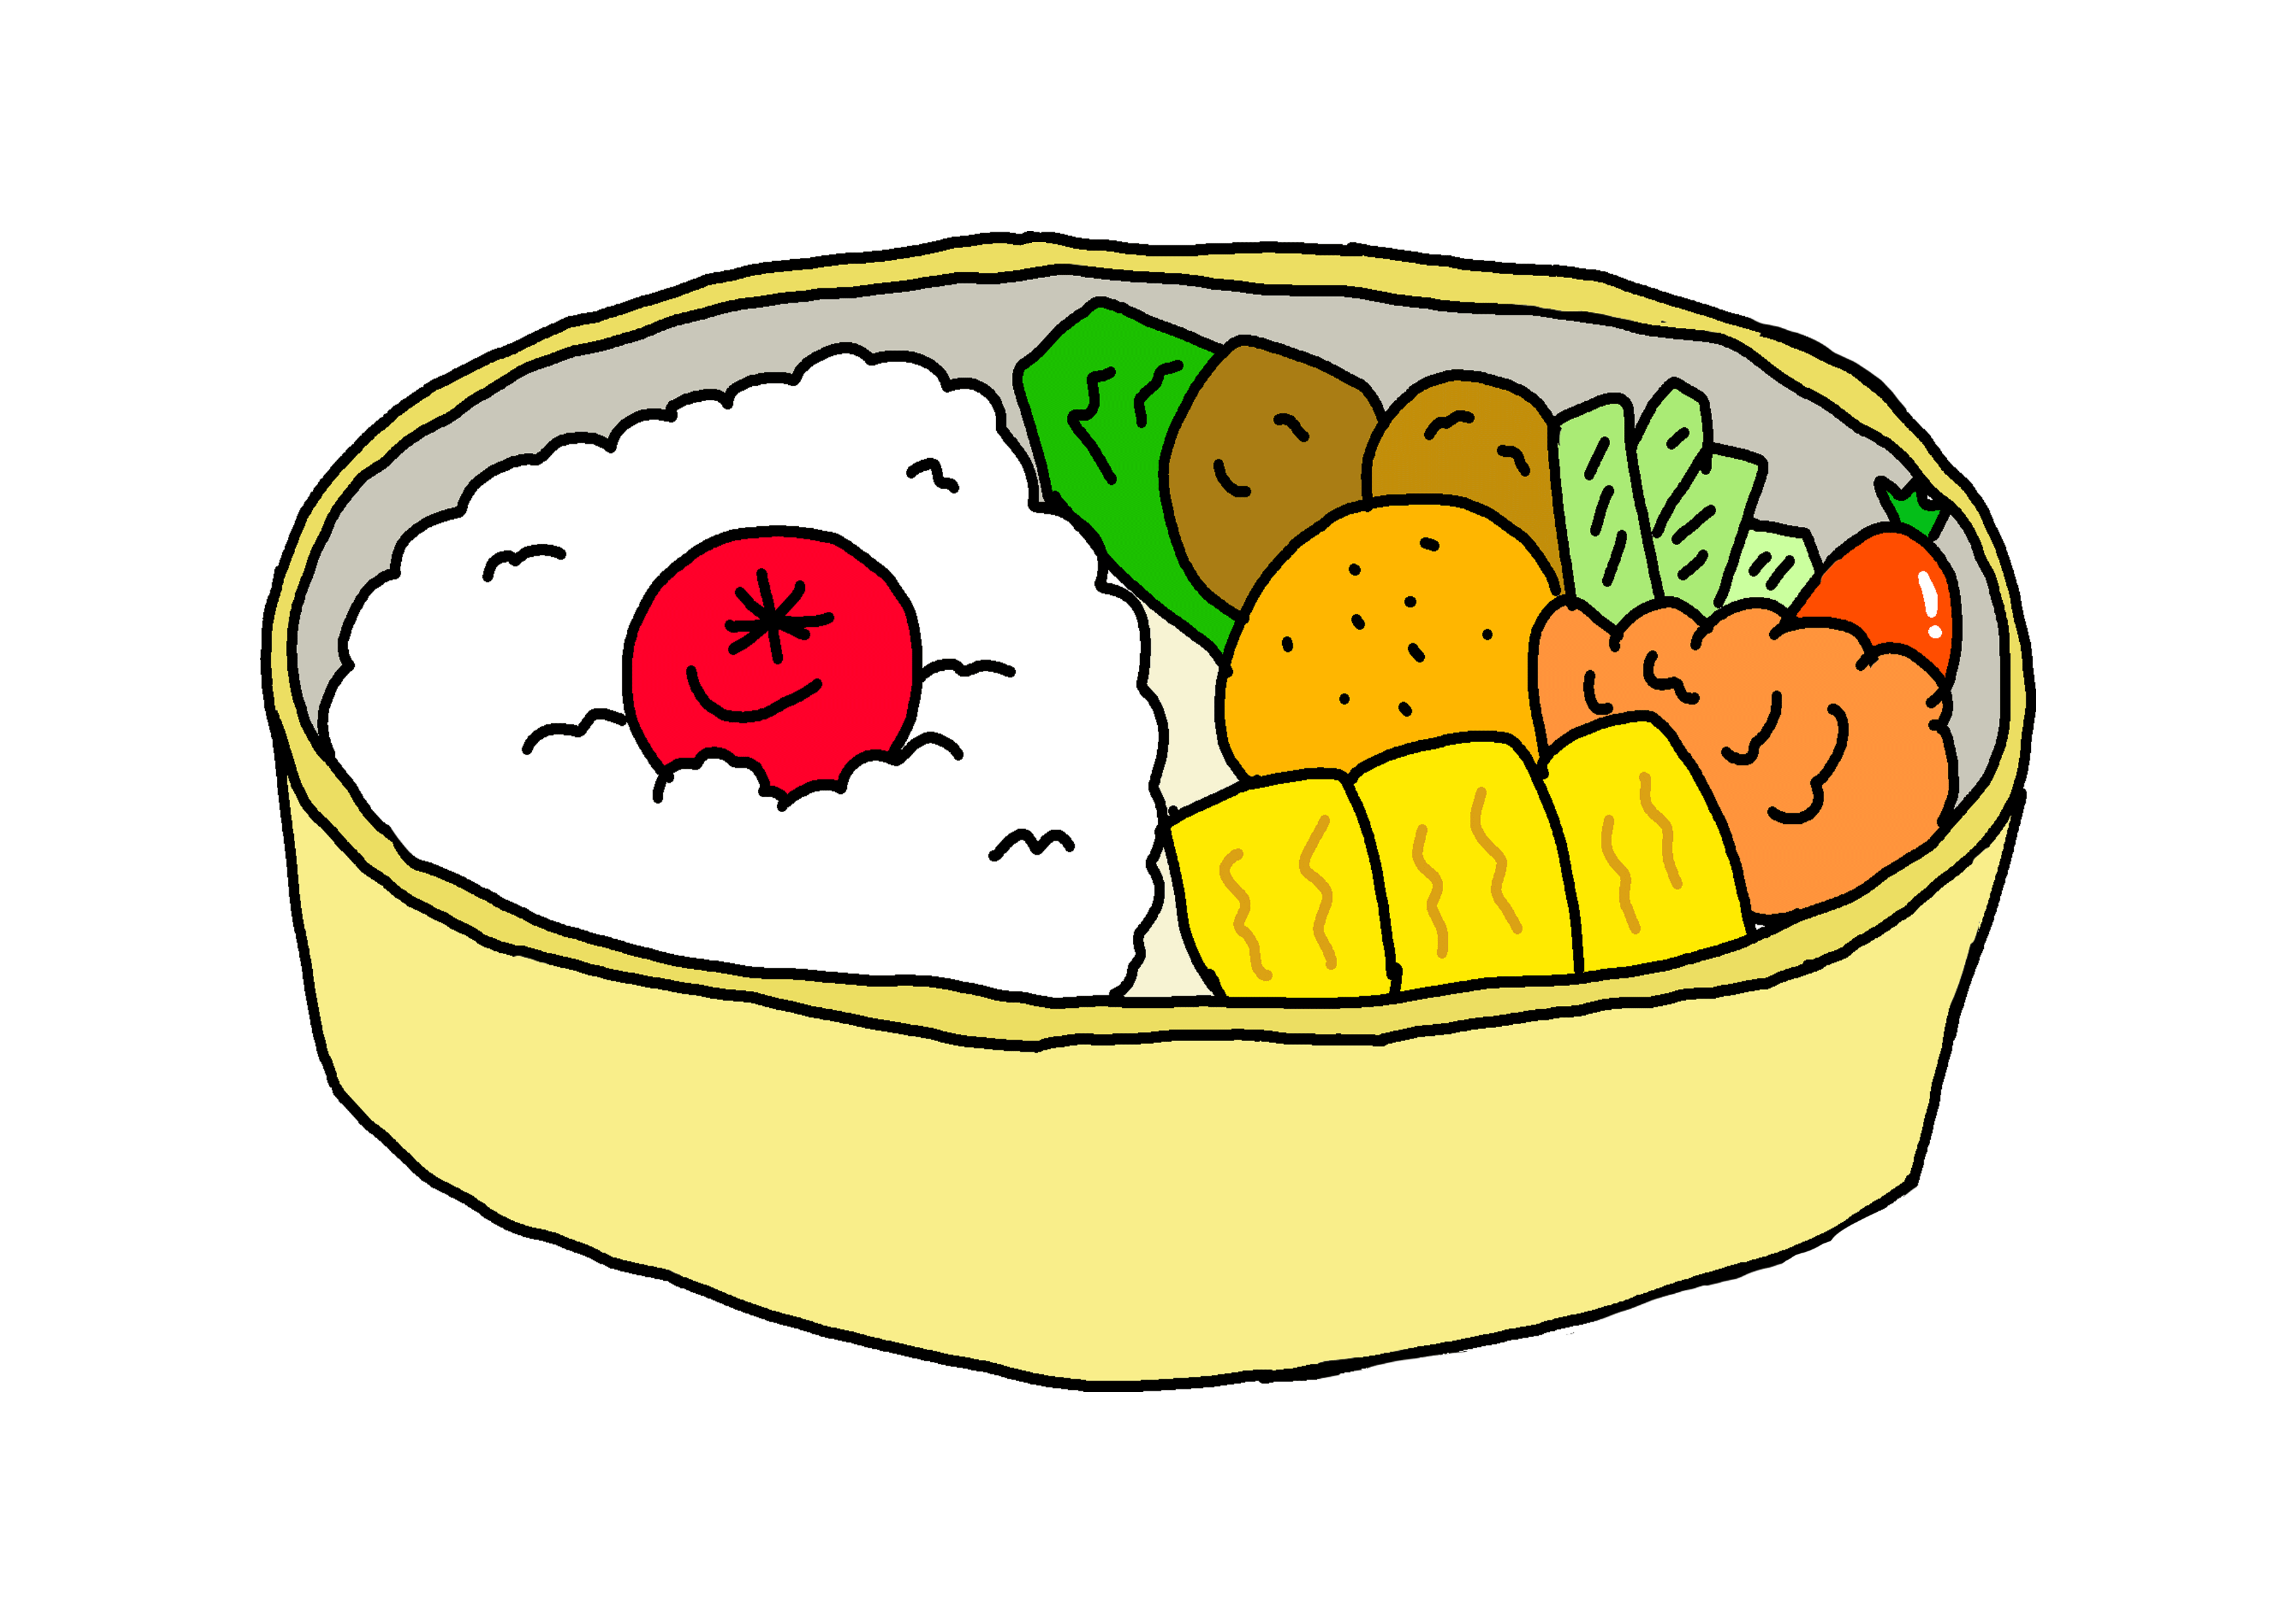 イラスト【お弁当】